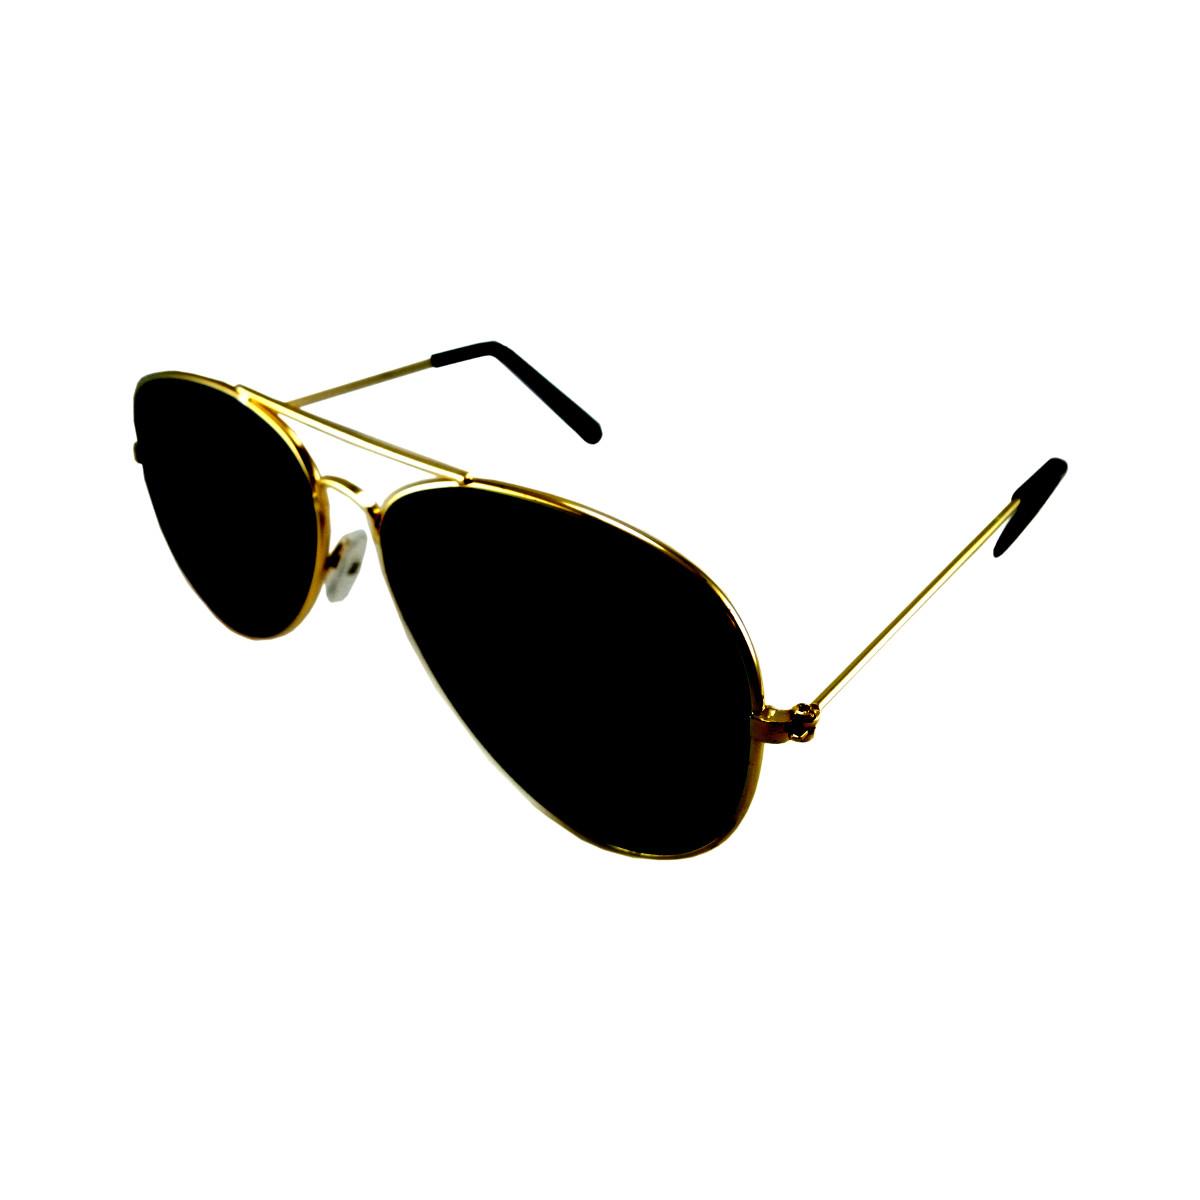 แว่นกันแดด แฟชั่น กรอบทอง